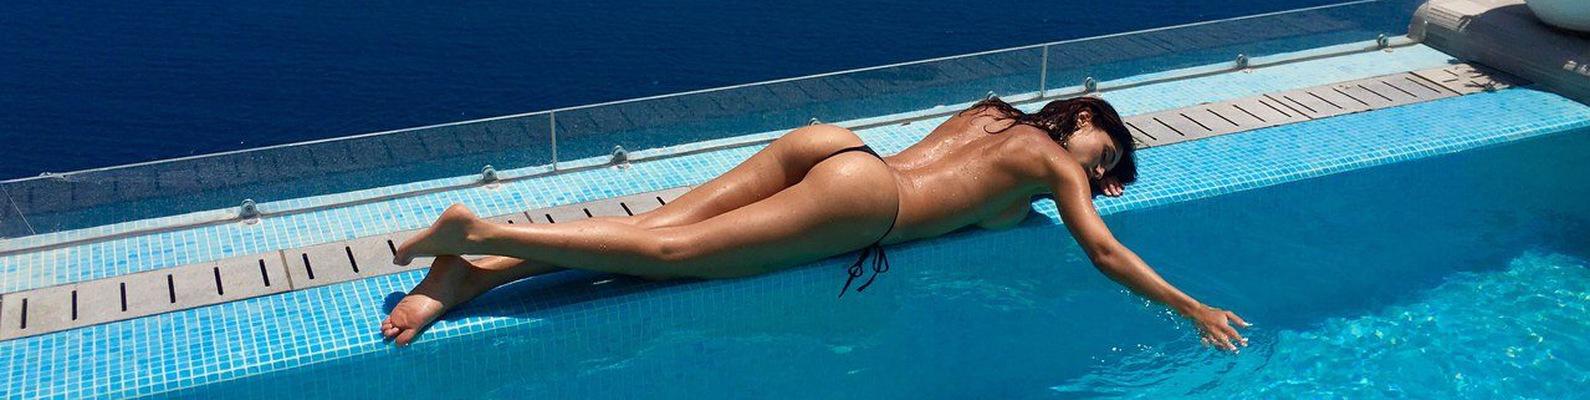 Katya nizhegorodtseva nude sexy